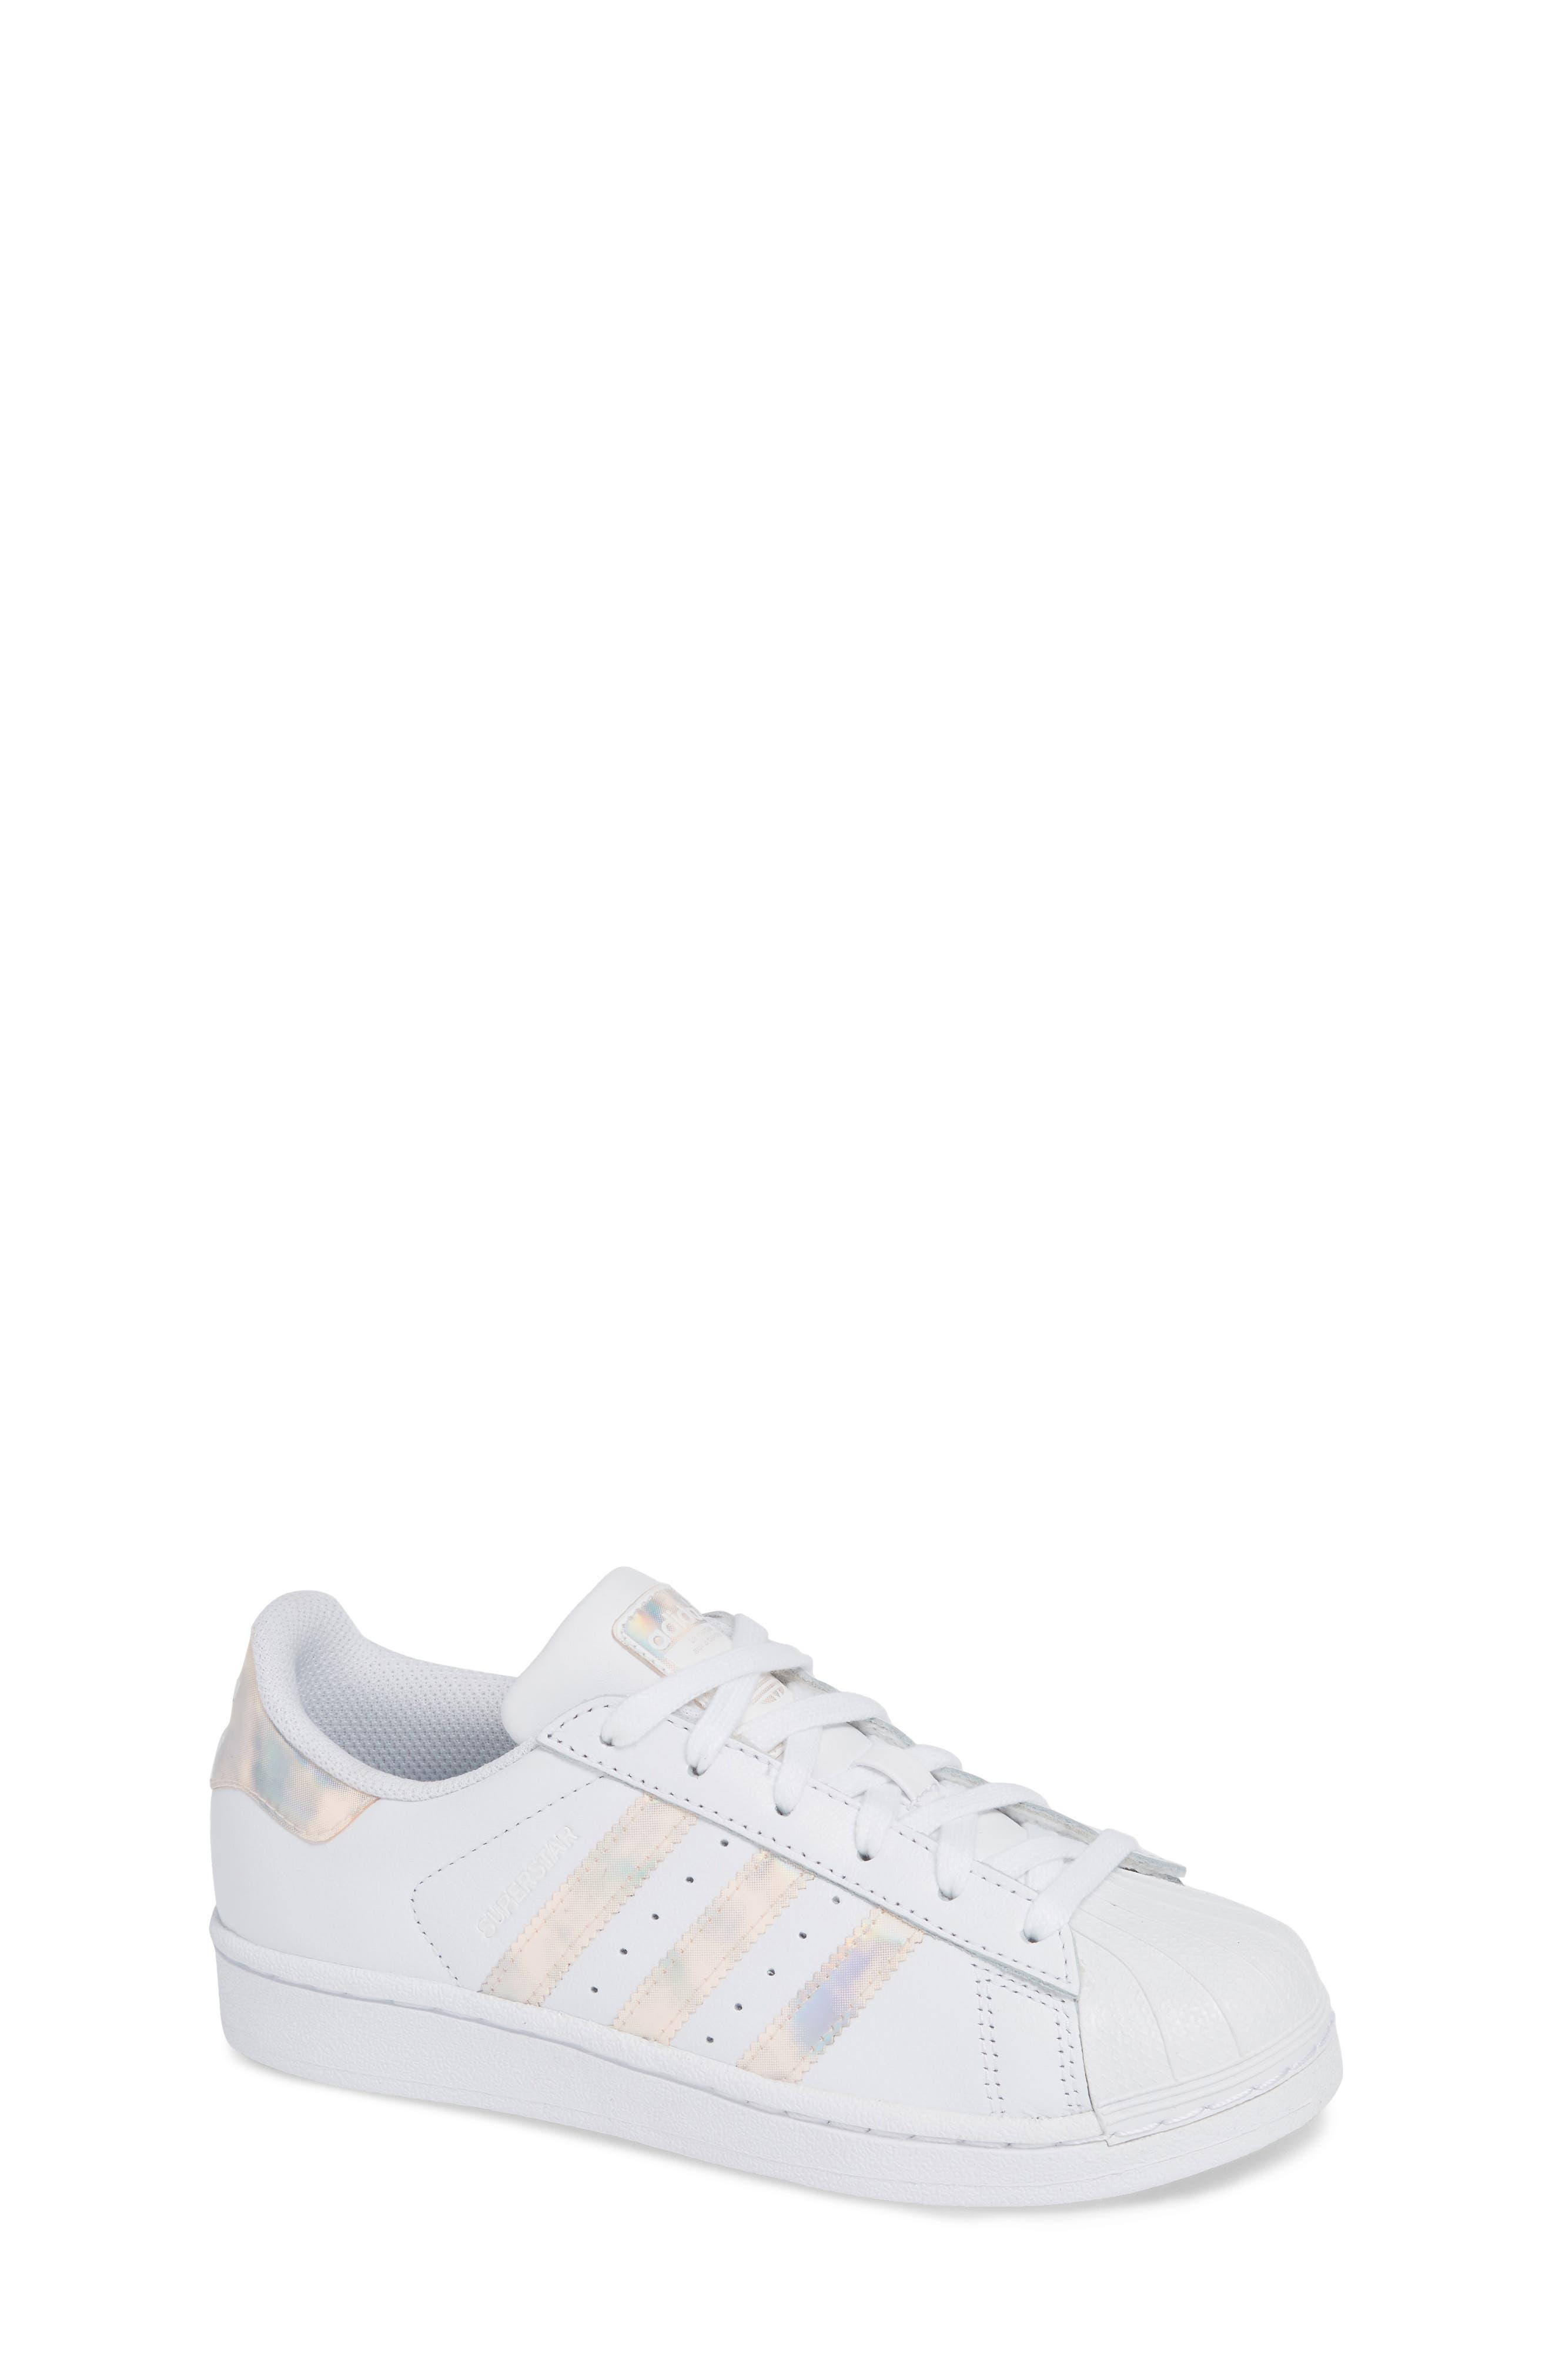 'Superstar II' Sneaker,                             Main thumbnail 1, color,                             FTWR WHITE